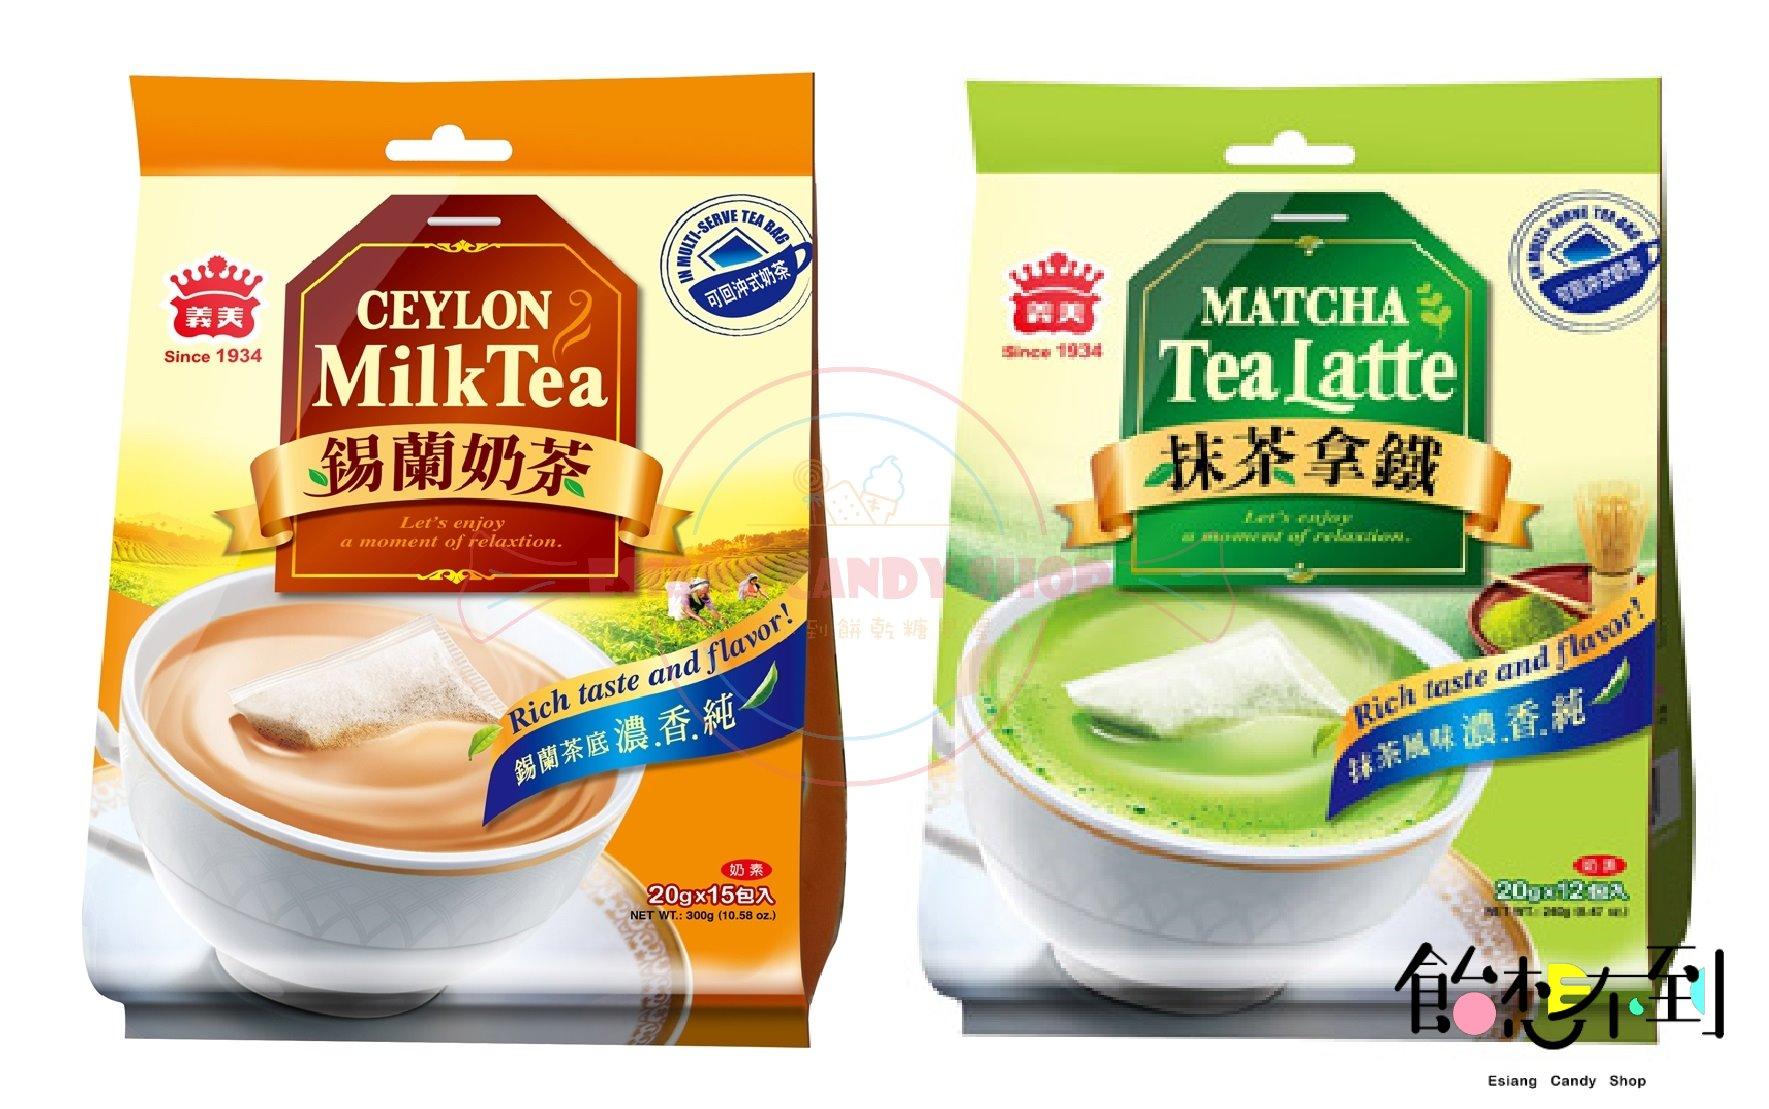 〚義美〛抹茶拿鐵240g / 錫蘭奶茶300g ▲奶素